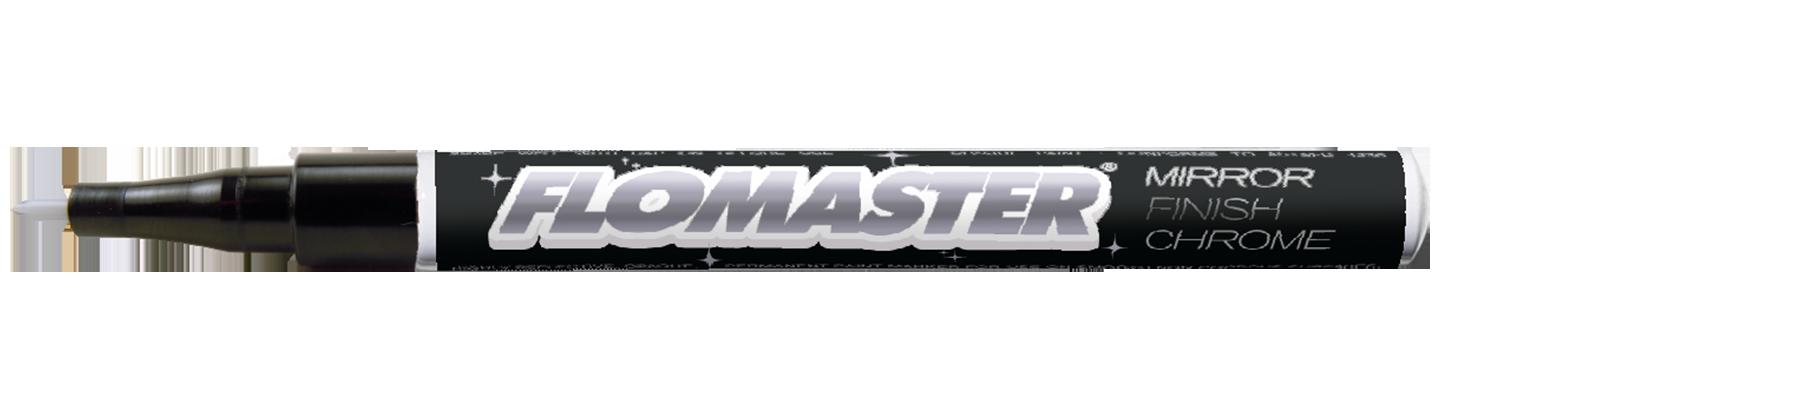 Flomaster Mirror Finish Metallics